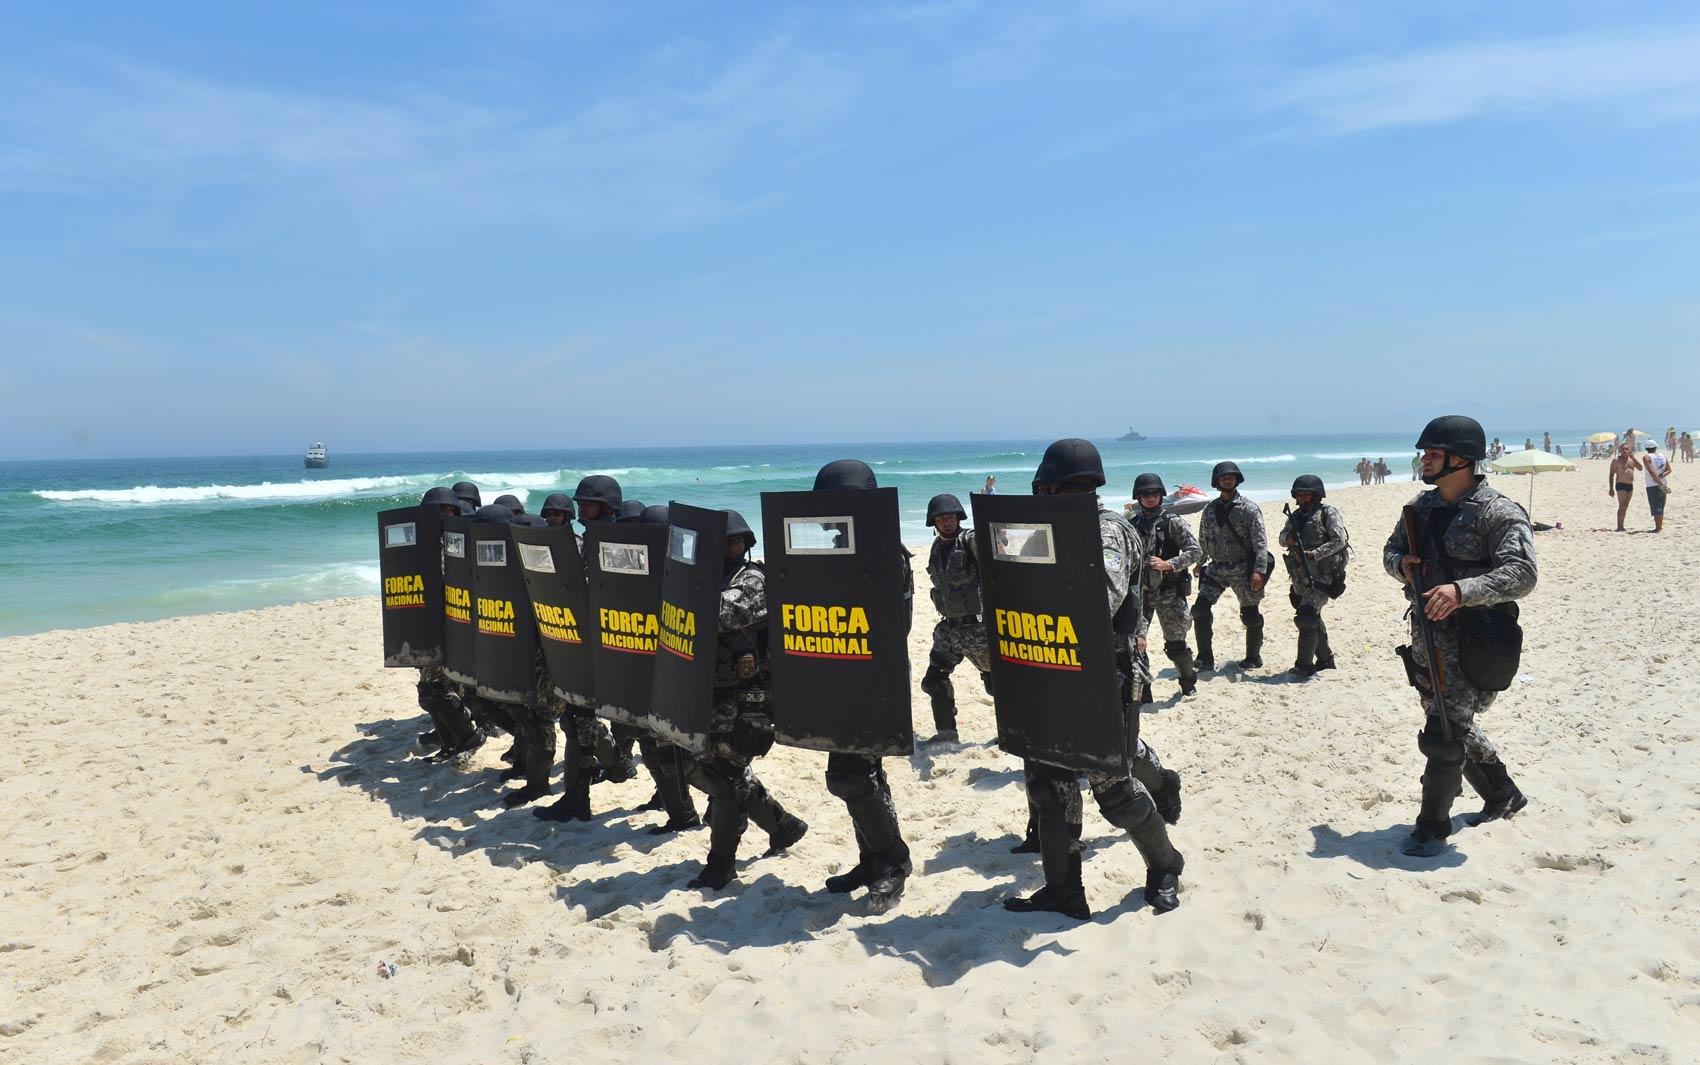 FOTOS: Leilão do campo de Libra no Rio fotos em Economia g1 #2A69A1 1700 1065